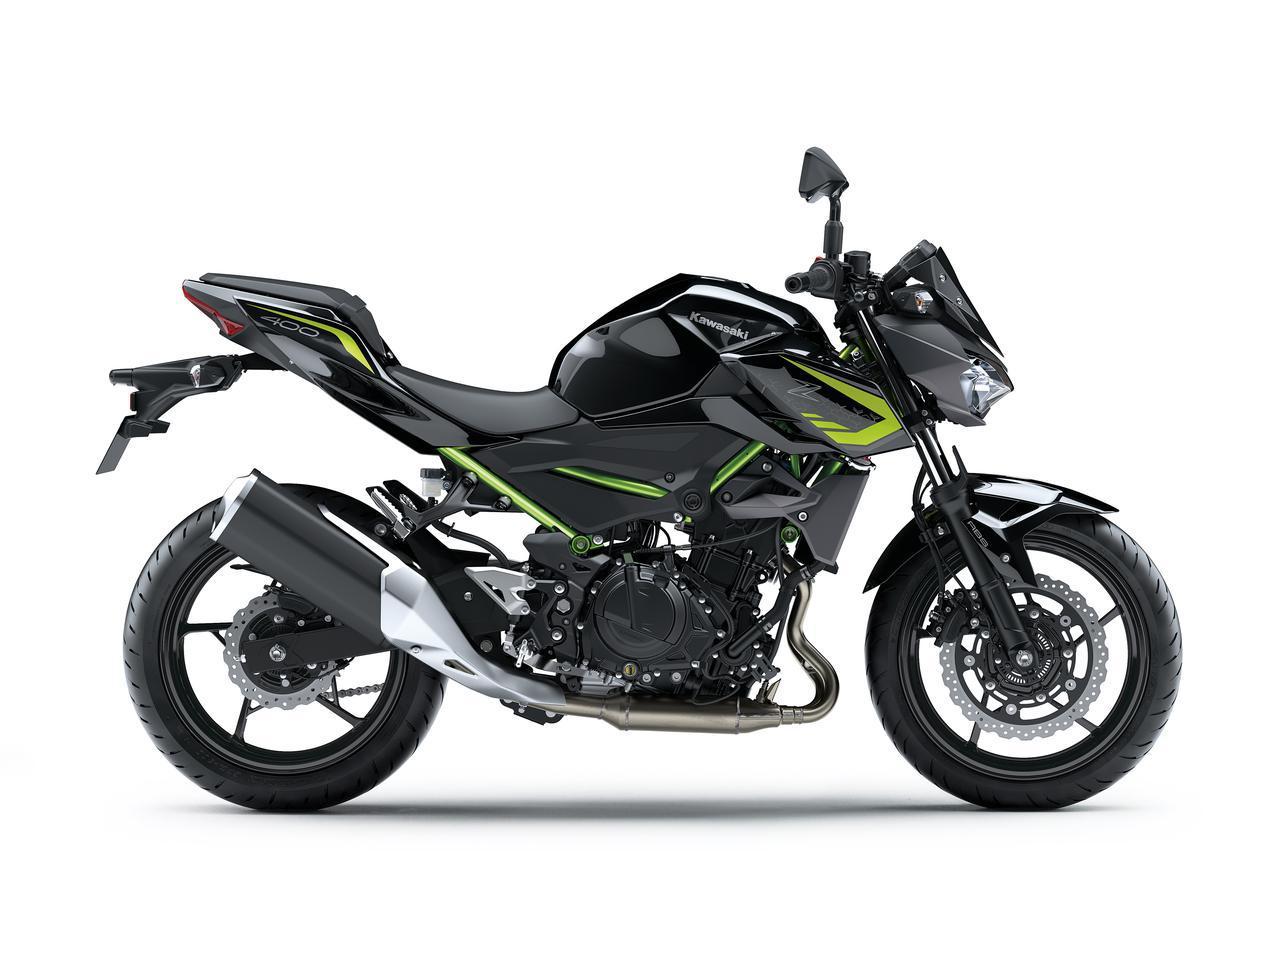 画像10: カワサキが「Z400」の2021年モデルを発売! ライムグリーンが再び登場【2021速報】